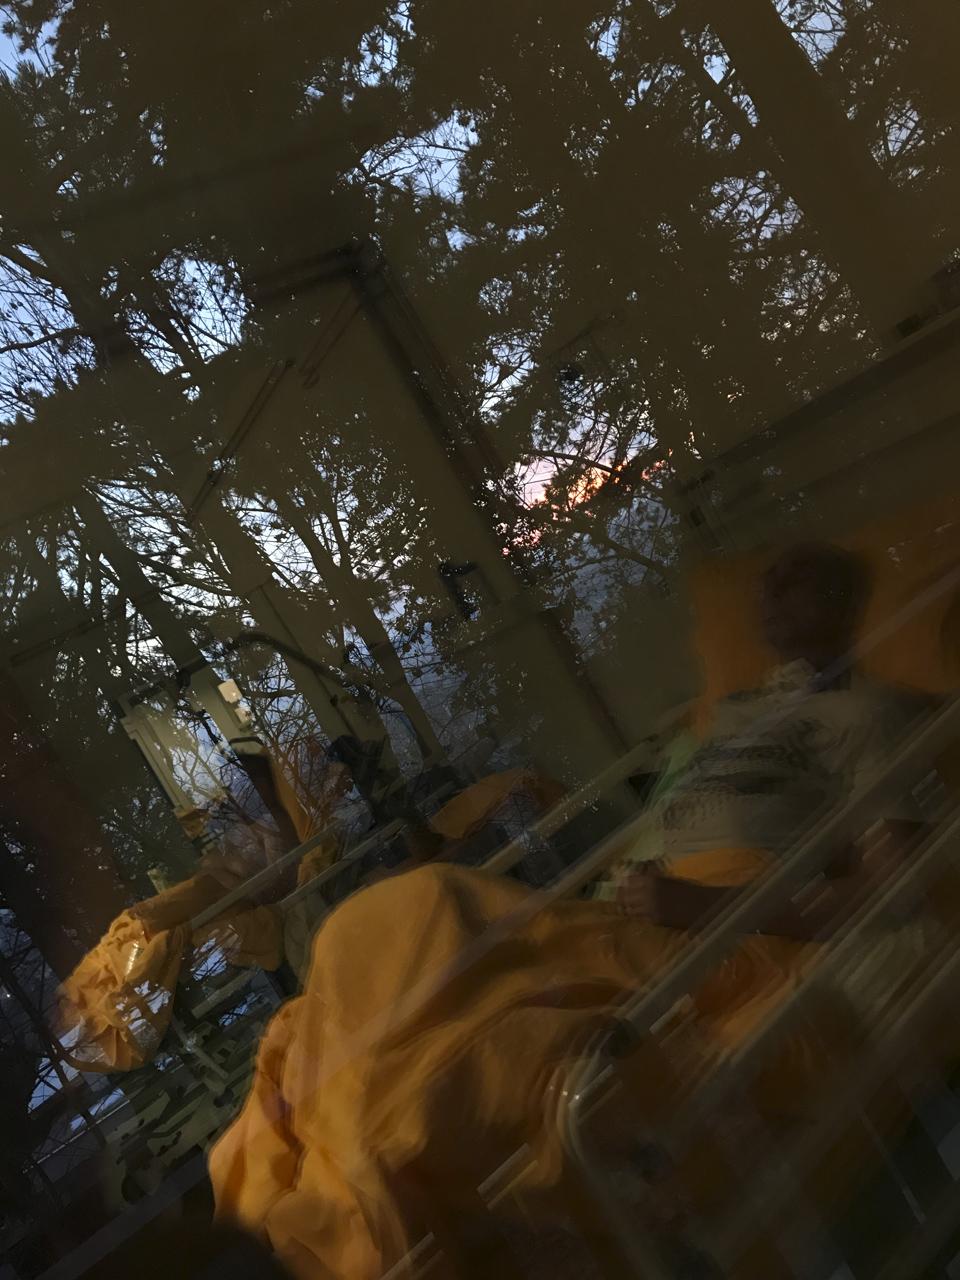 Fény árnyak tükör naplemente remény-telenség